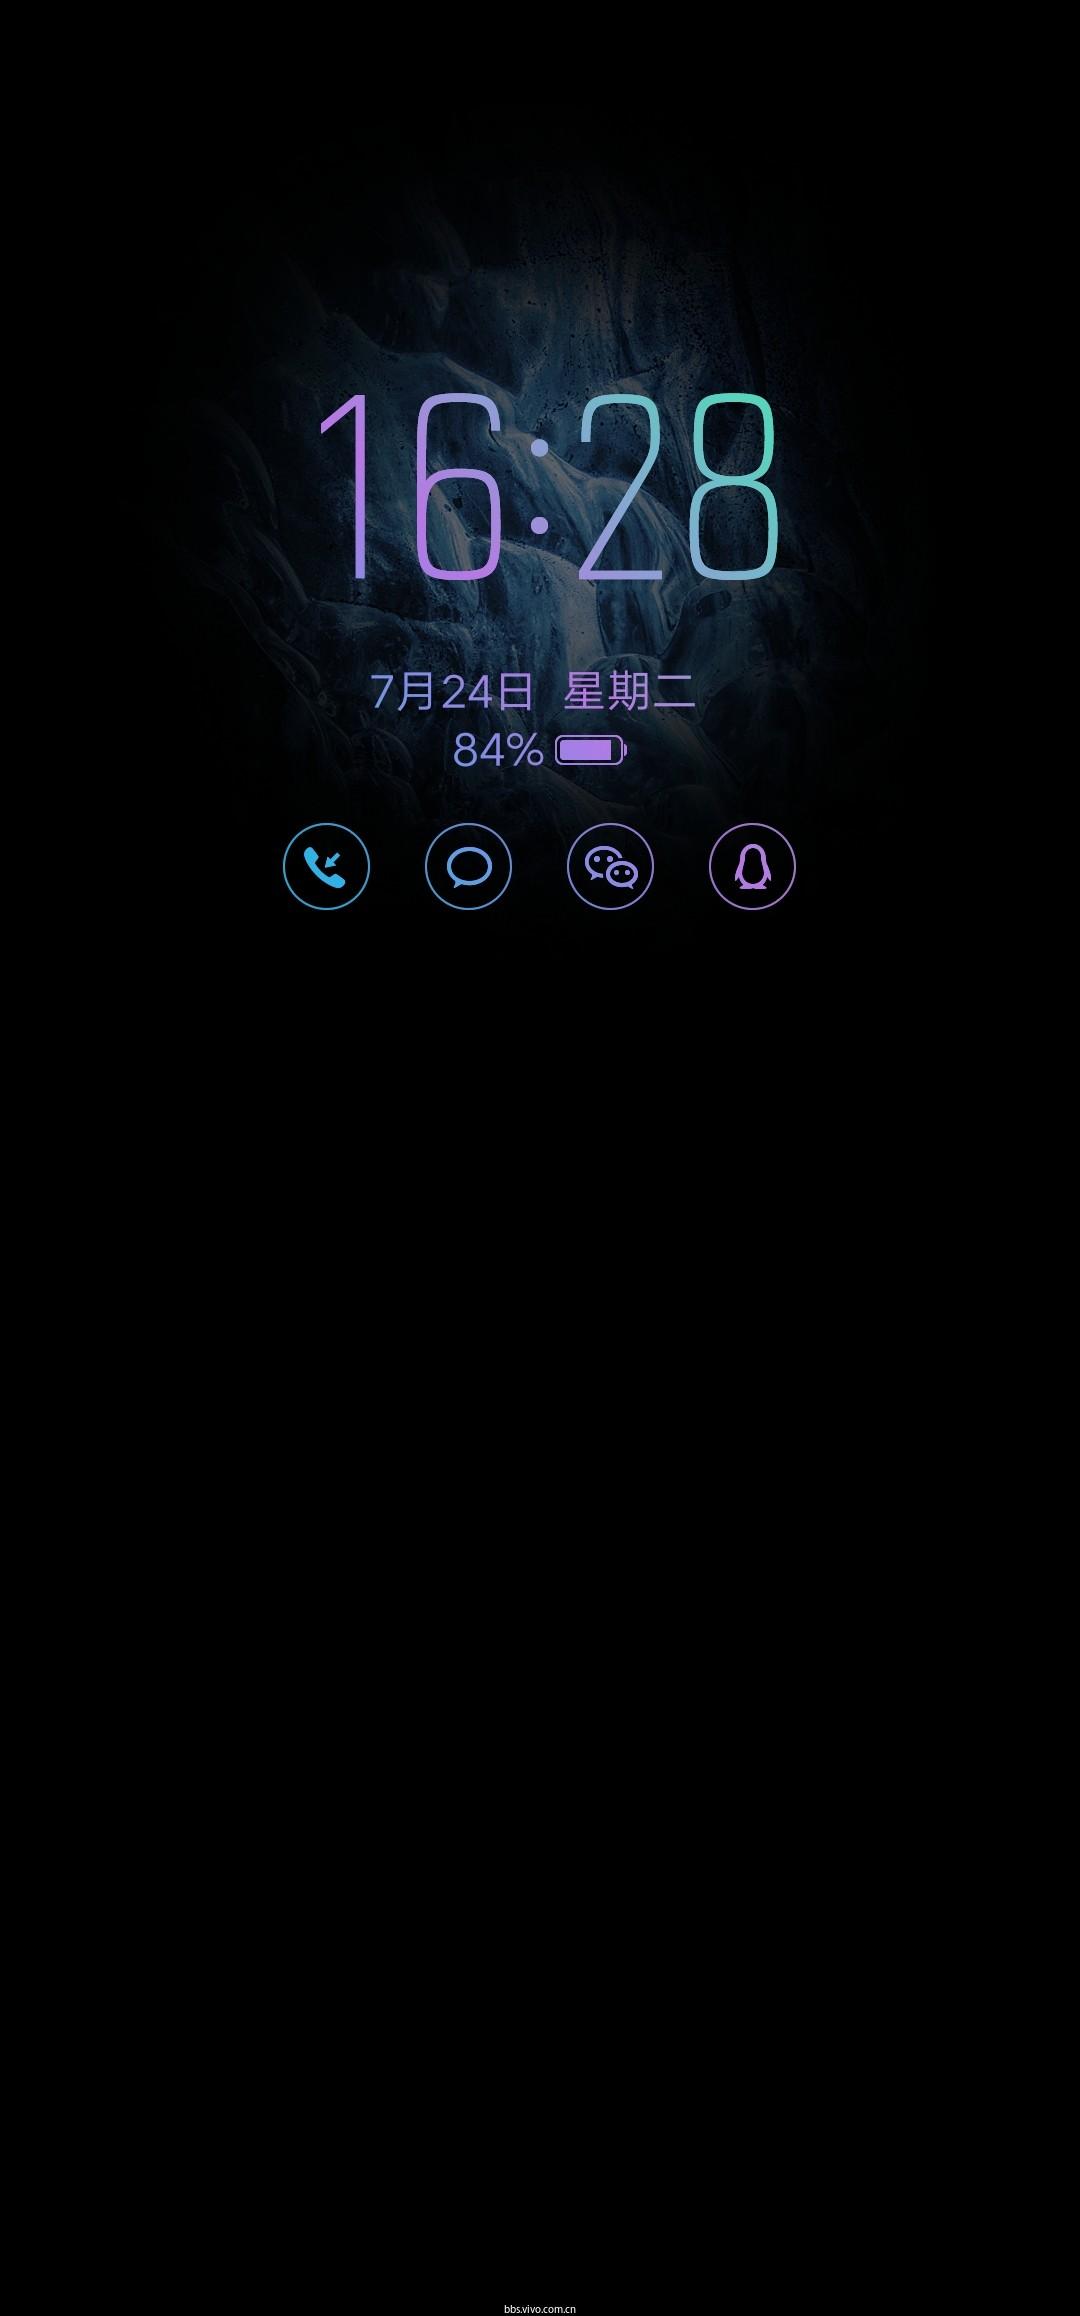 Screenshot_20180724_162814.jpg